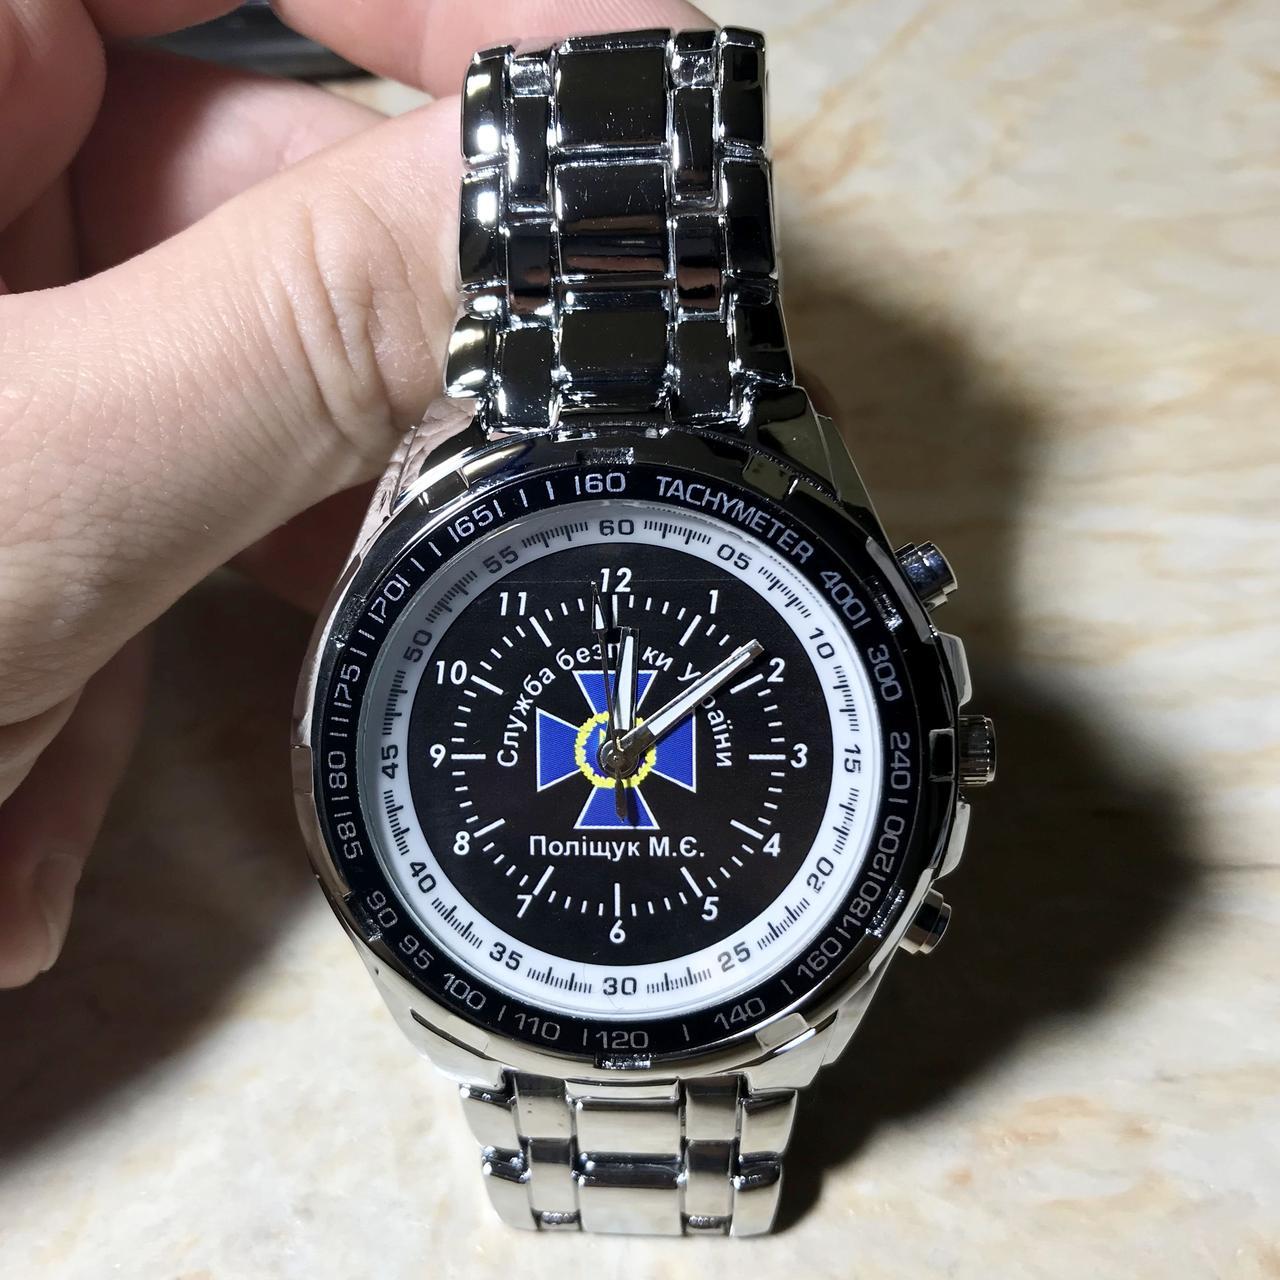 Часы наручные с логотипом СБУ (Служба безпеки України)